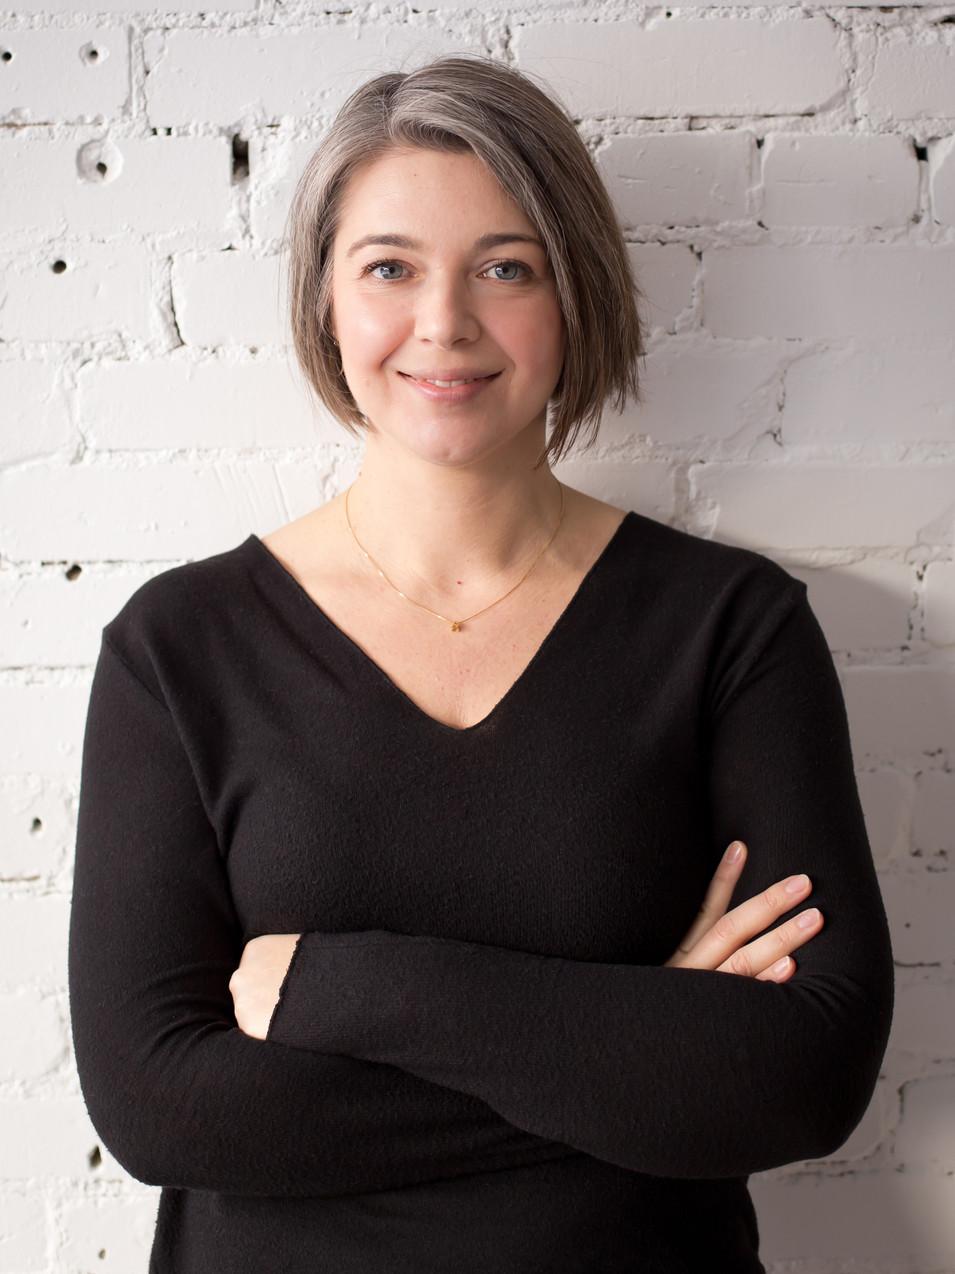 Dr. Agata Majewski, Optometrist